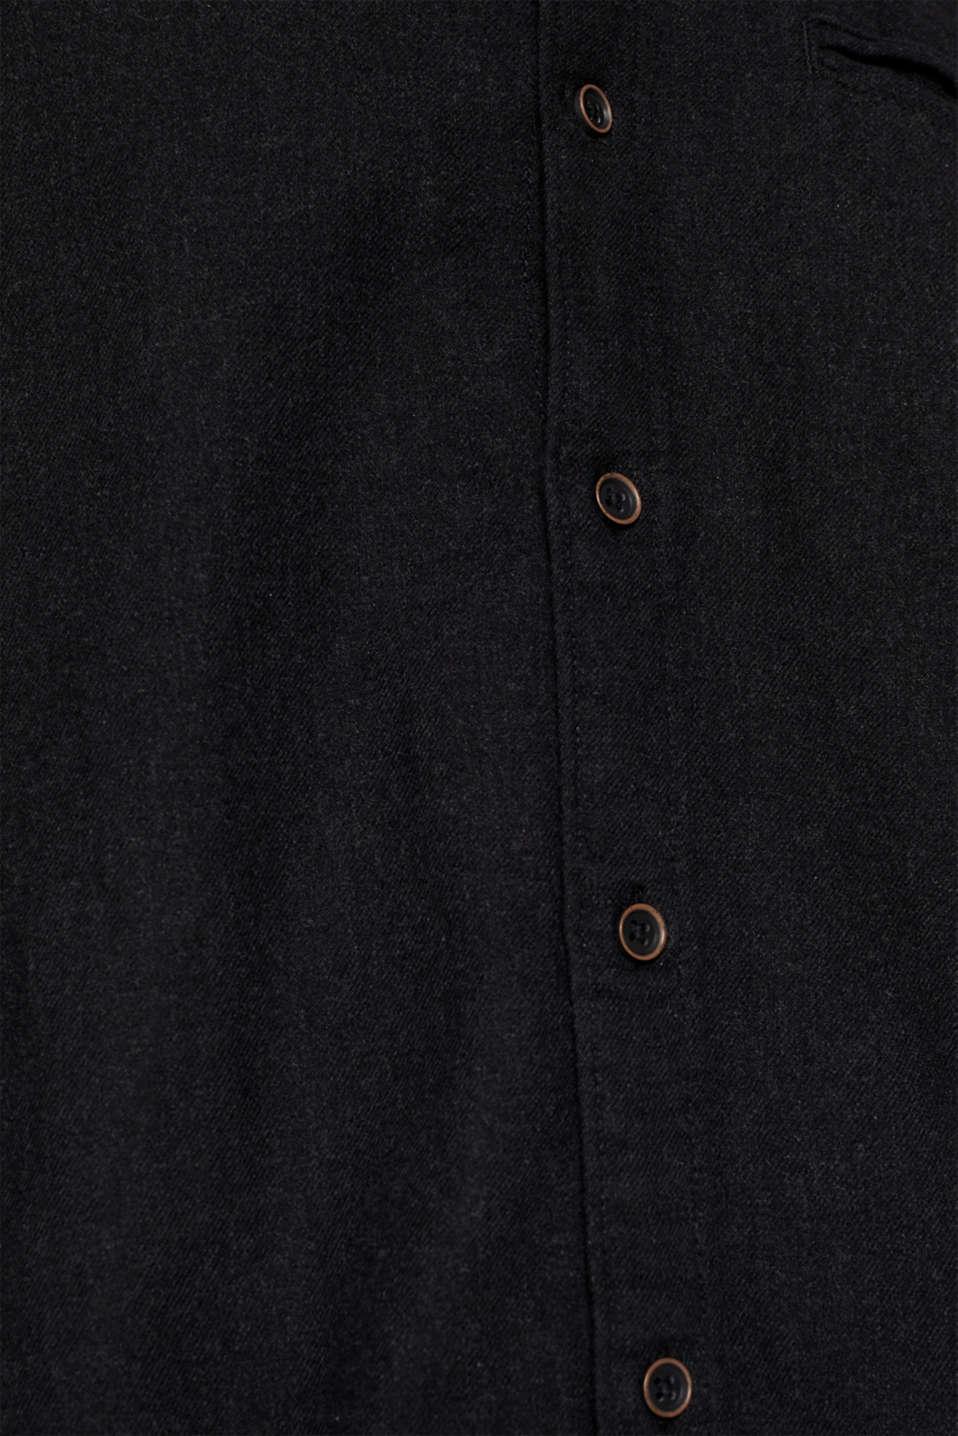 Flannel shirt in 100% cotton, DARK GREY 5, detail image number 4